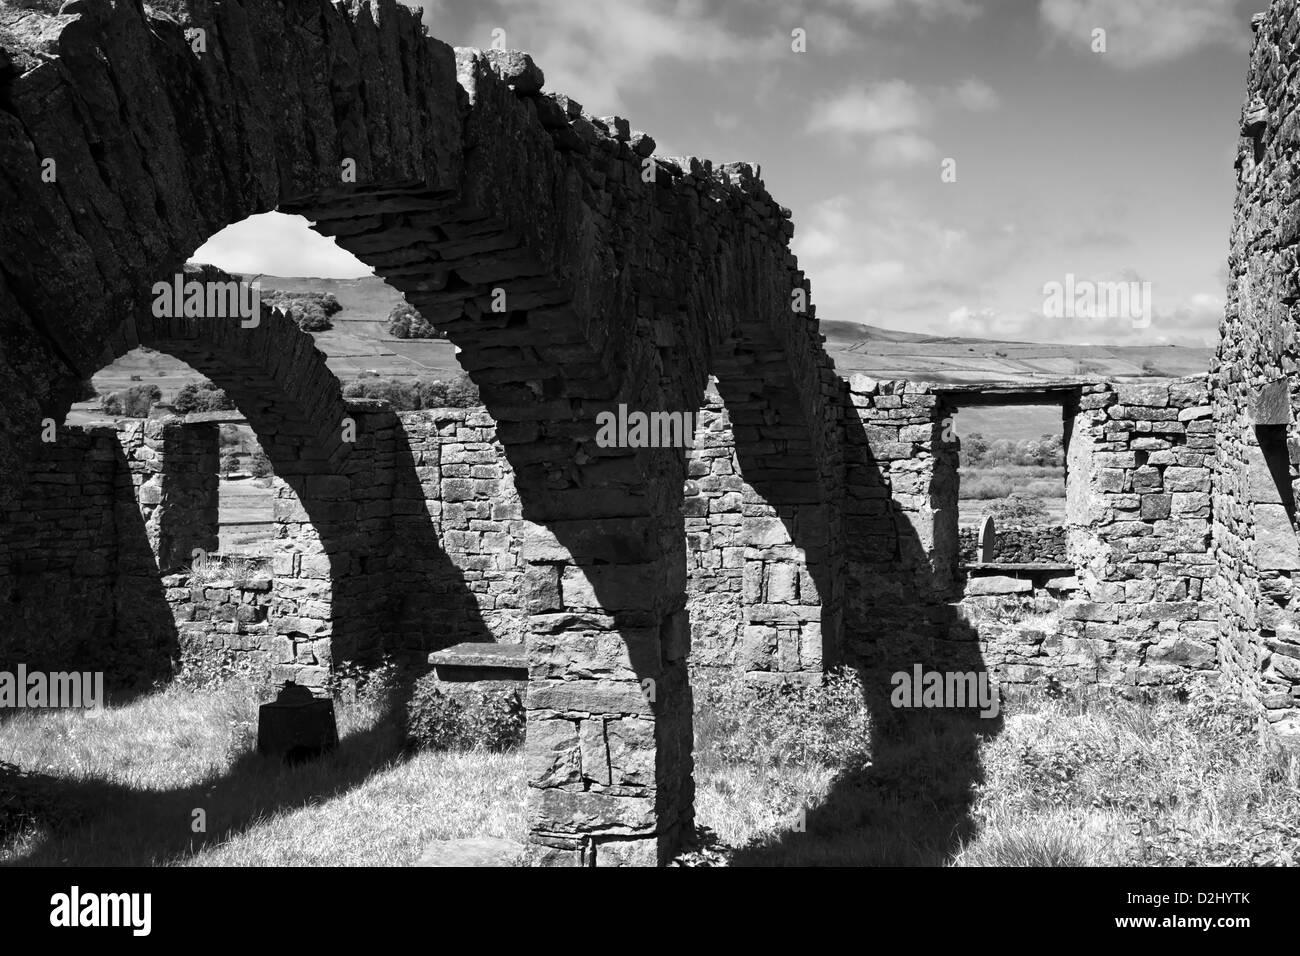 Die robuste Ruine Stalling Busk Oude Kerk, Raydale, Yorkshire Dales National Park, England Stockfoto